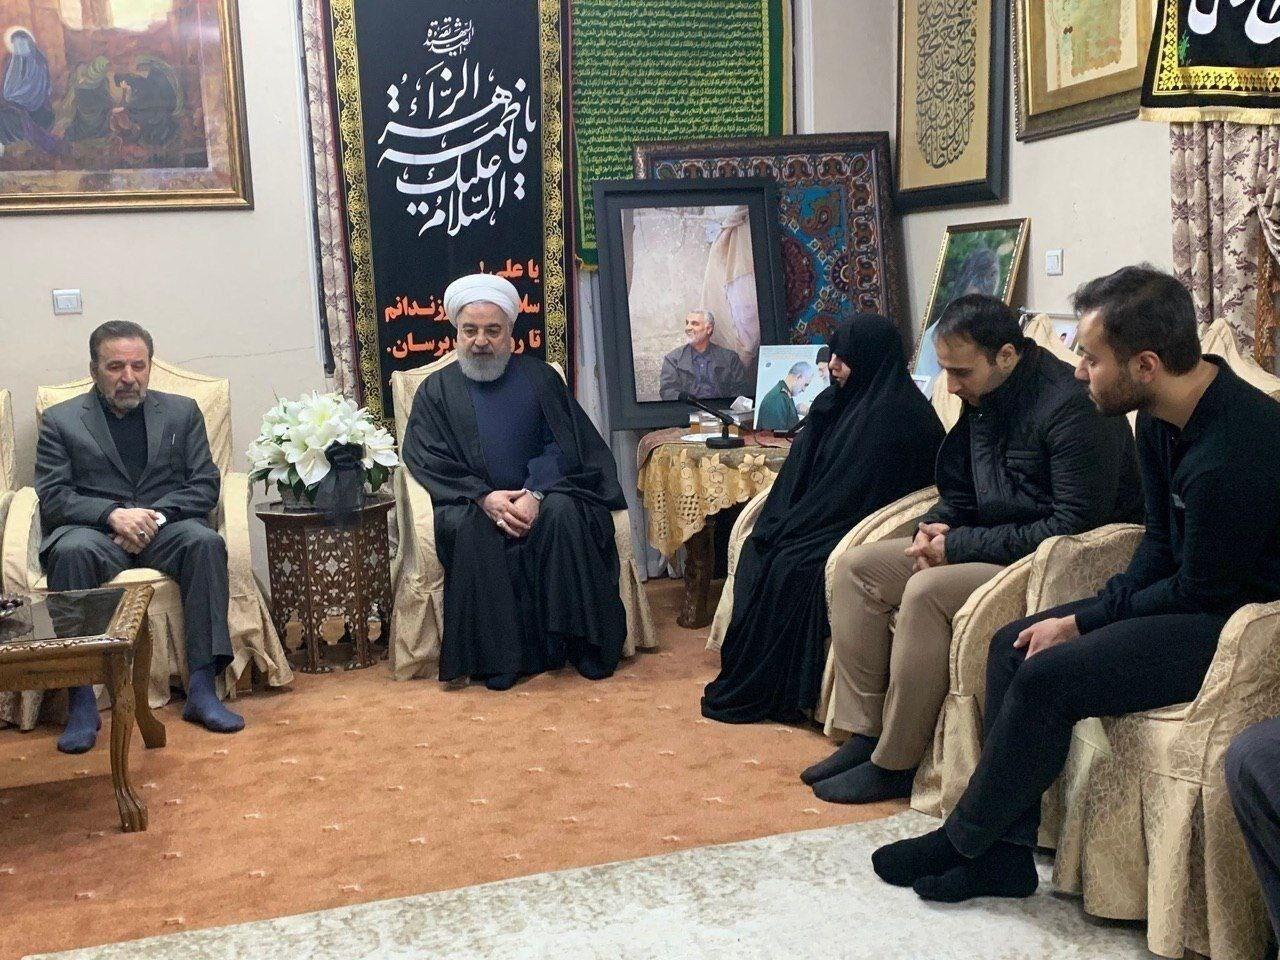 روحاني من منزل الشهيد: أميركا لم تُدرك خطأ ما ارتكبته لكنها ستدرك أبعاده خلال السنوات المقبلة